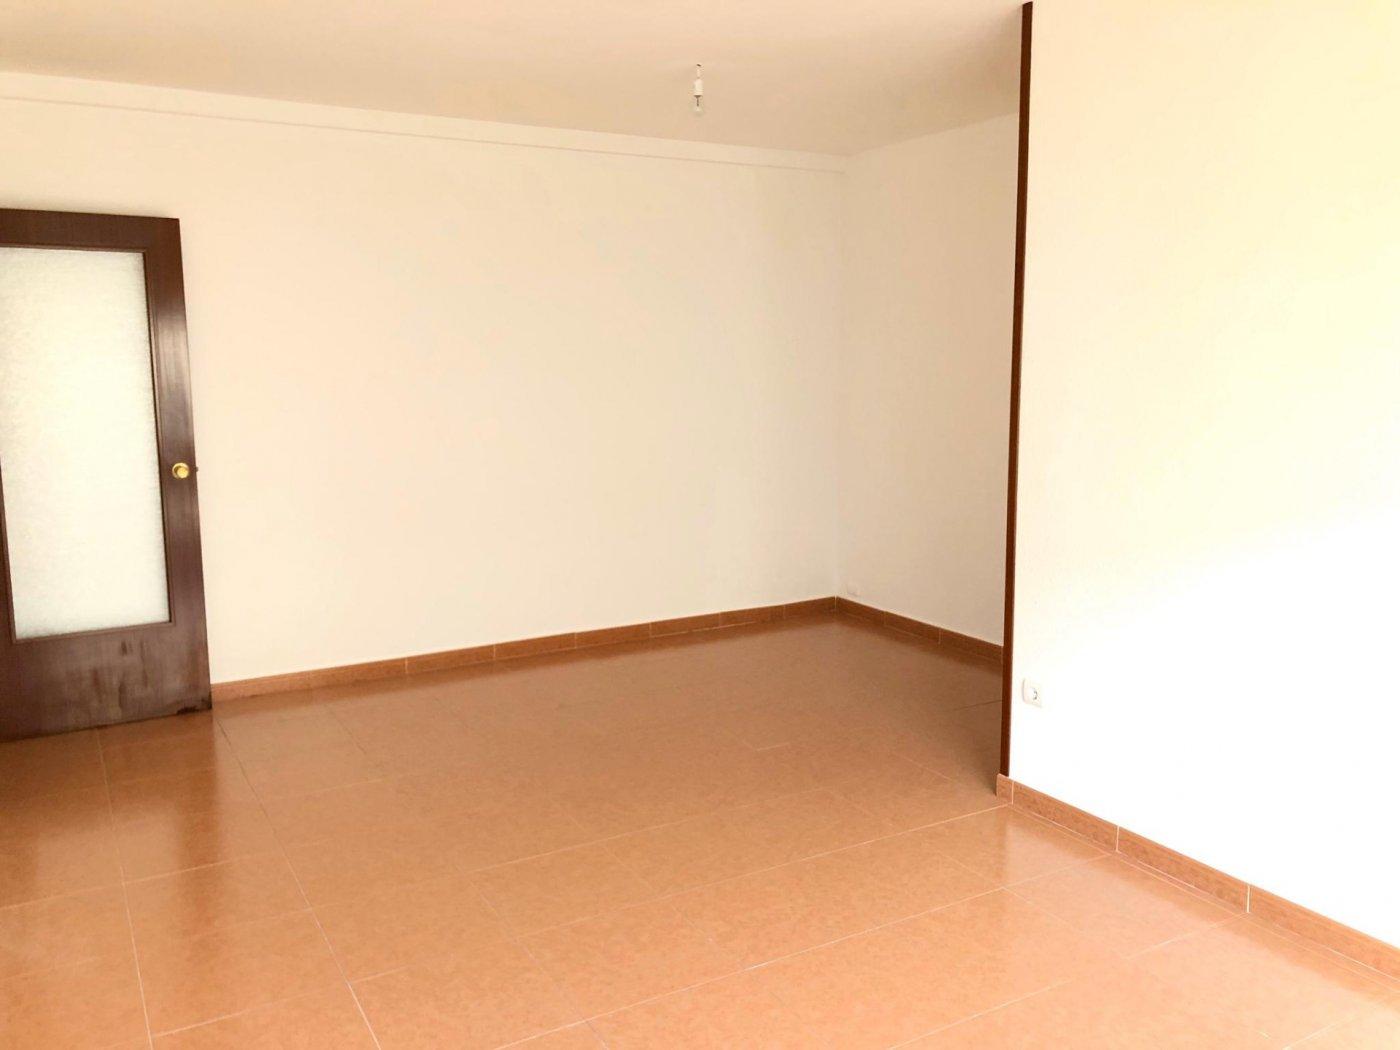 Appartement  El vendrell ,el puig. Fantástico piso en el puig!!!!